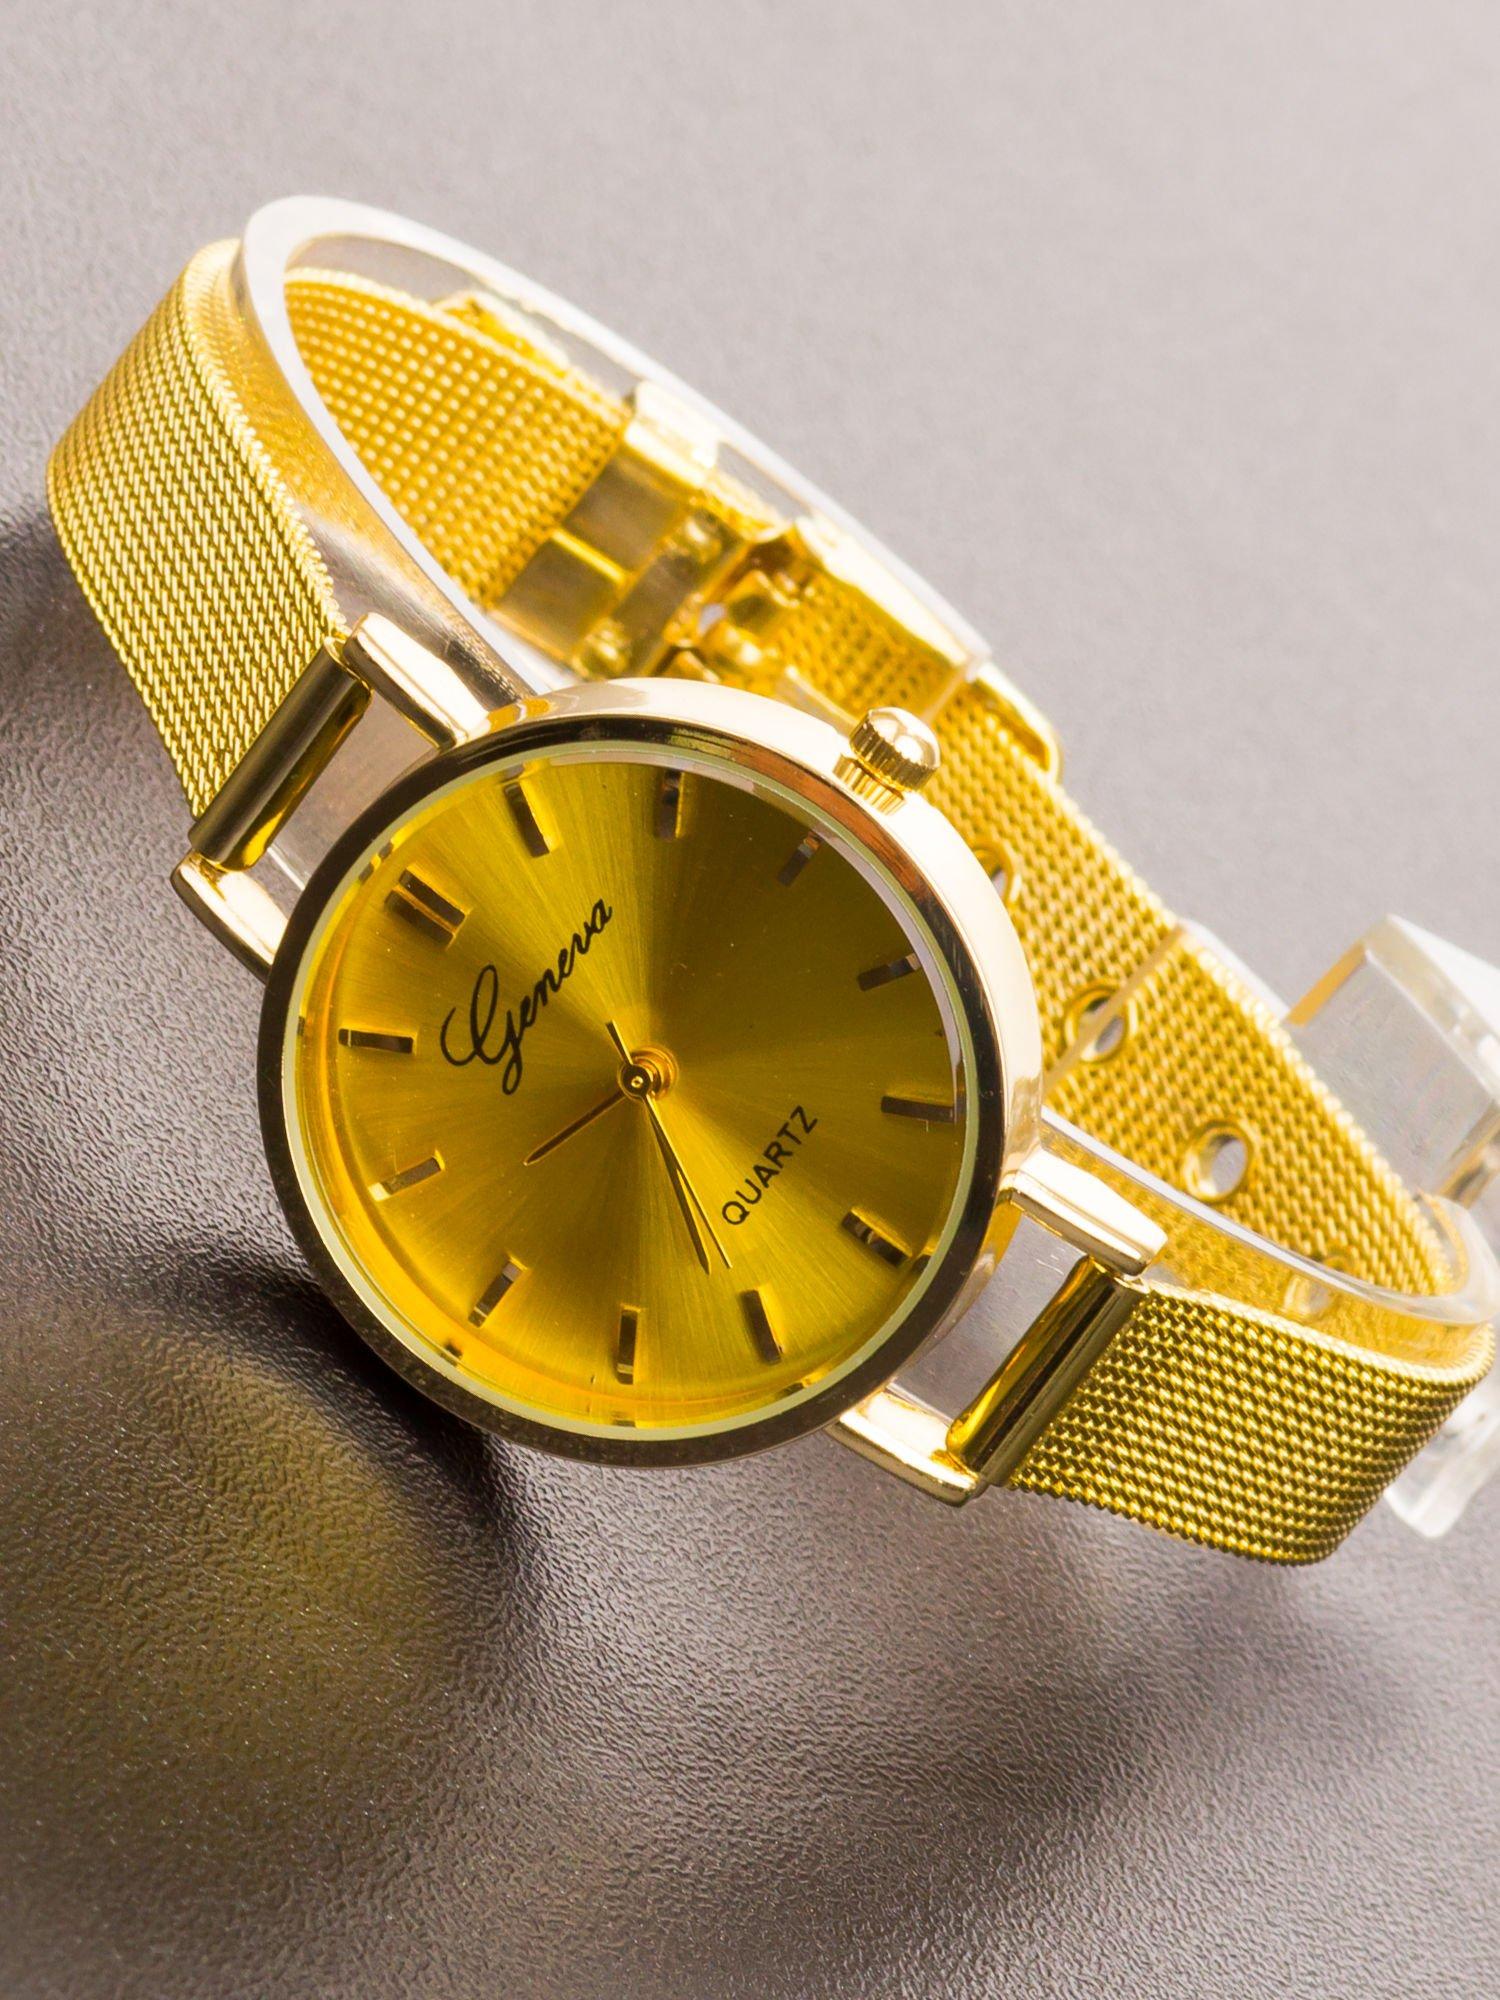 GENEVA Złoty prosty zegarek damski na bransolecie                                  zdj.                                  1